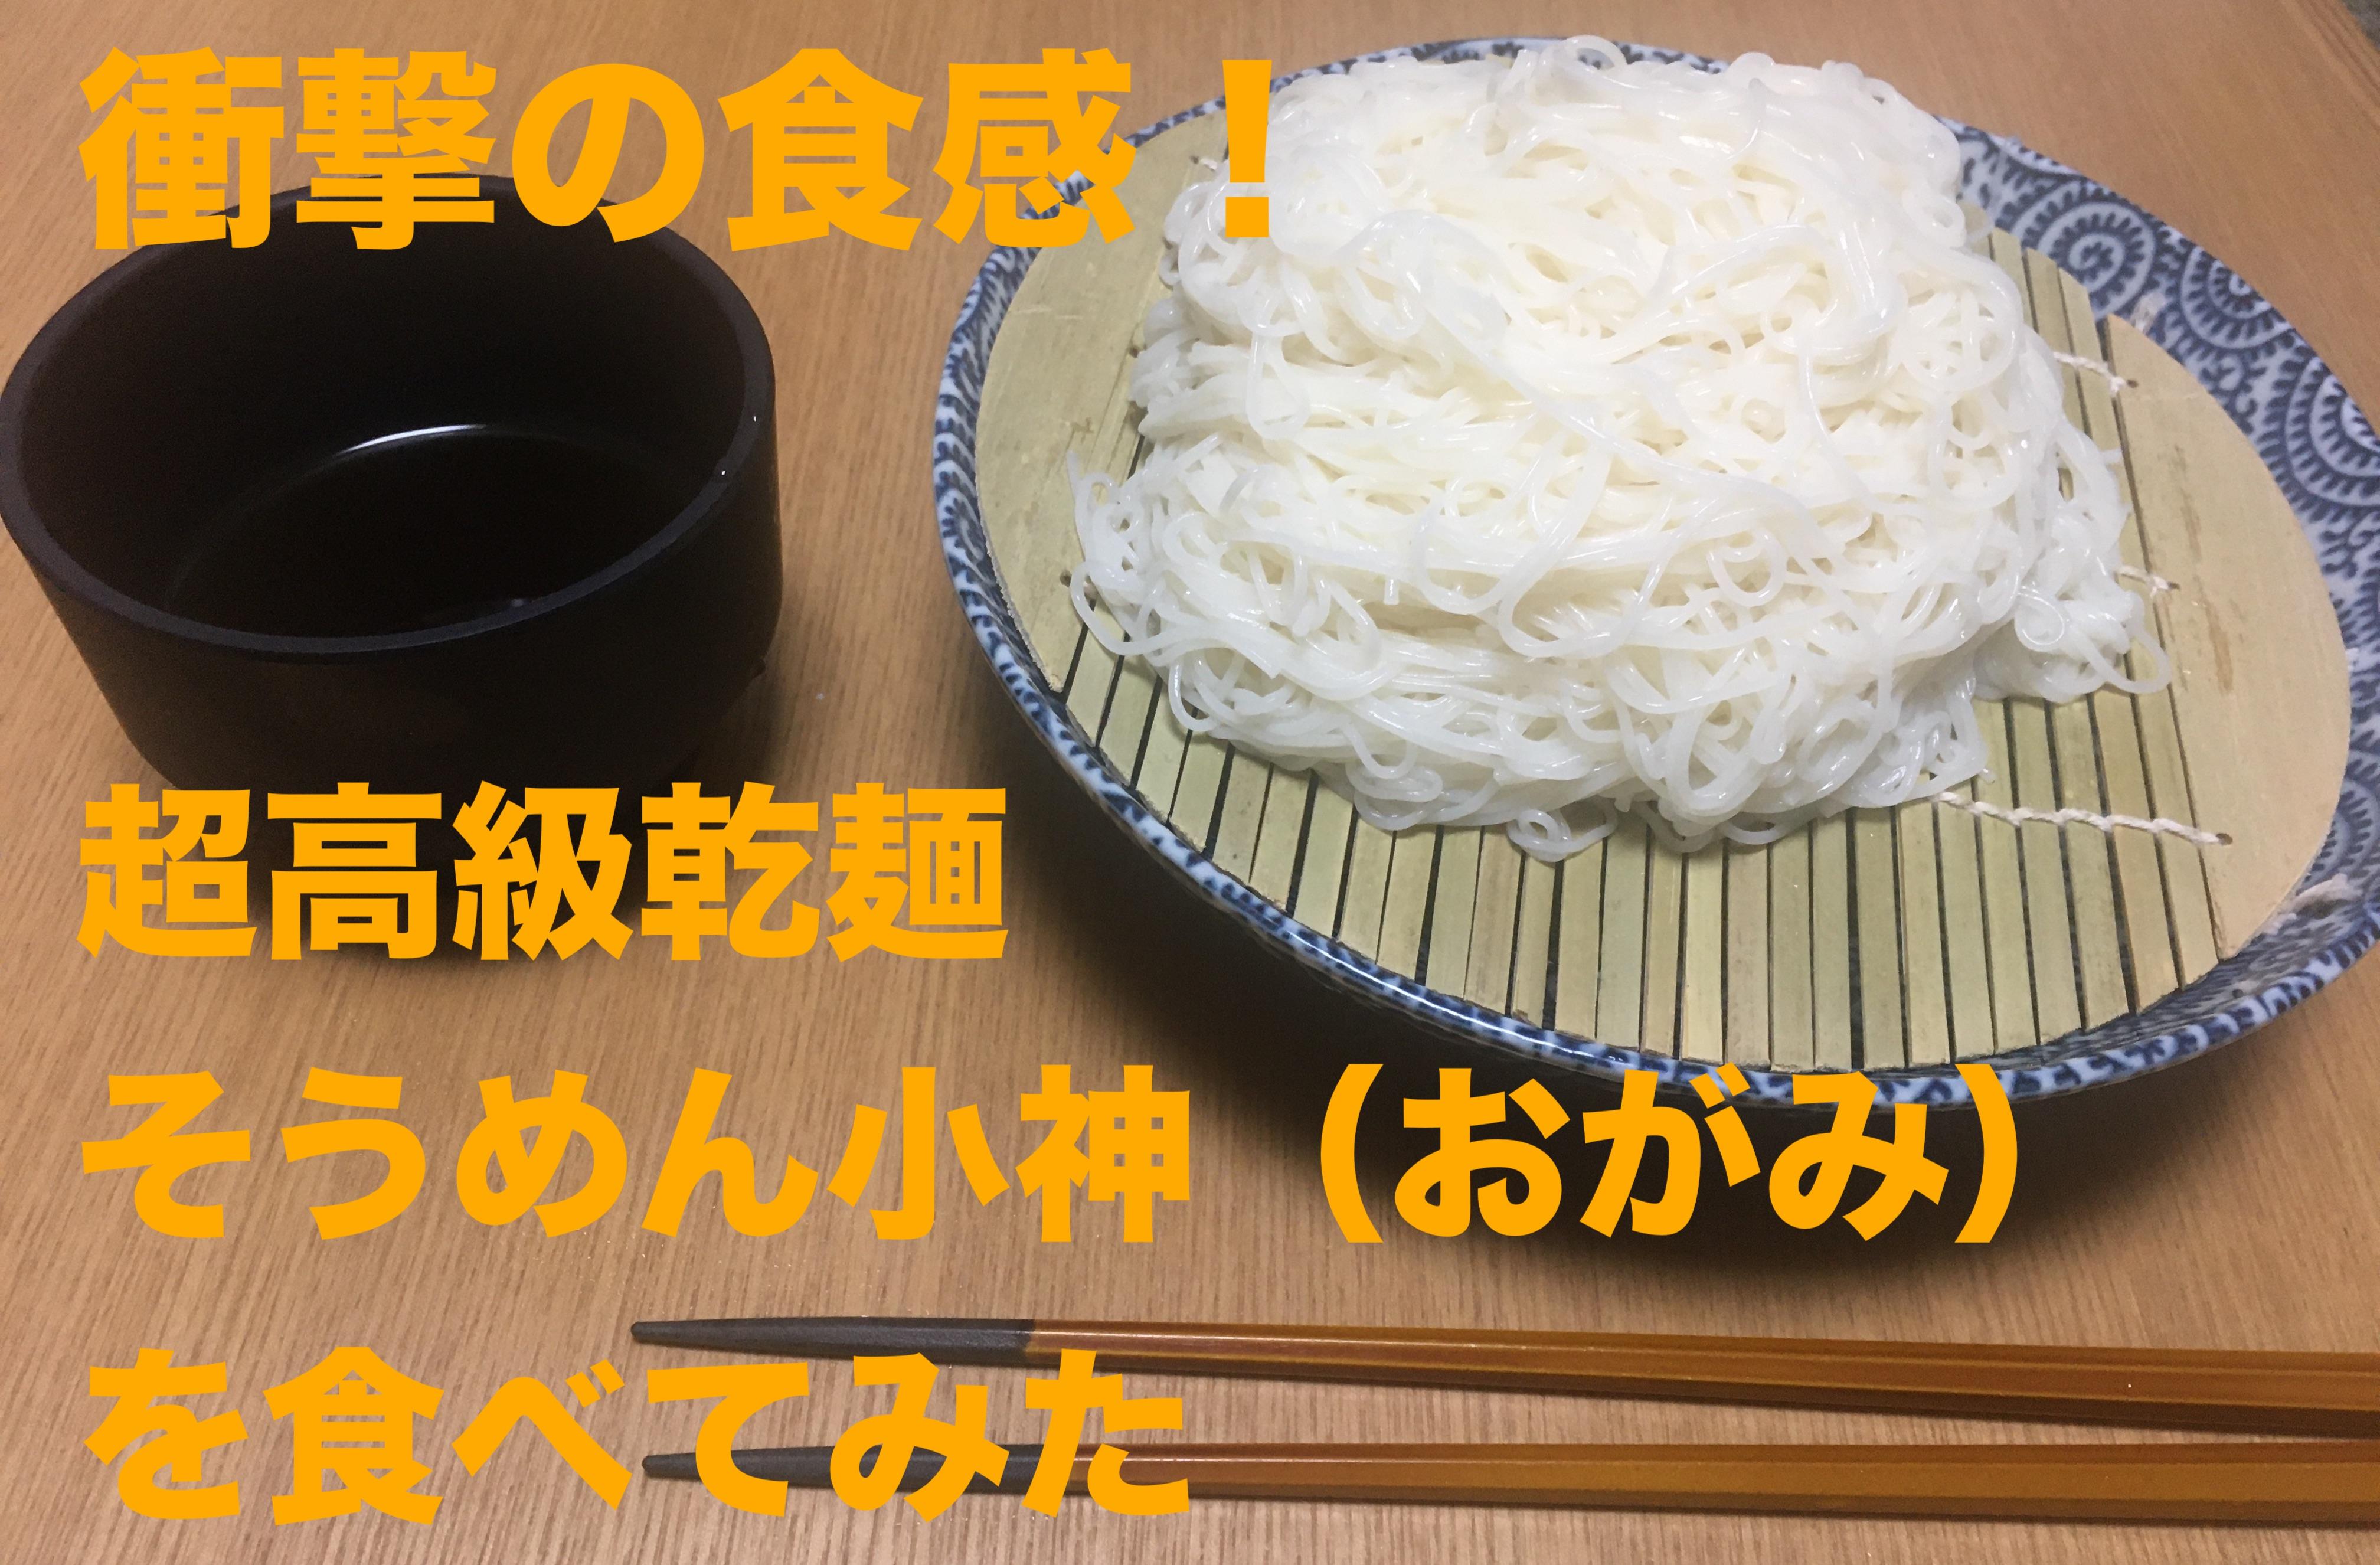 【衝撃の食感】イトメンの超高級乾麺・そうめん小神(おがみ)を食べてみた